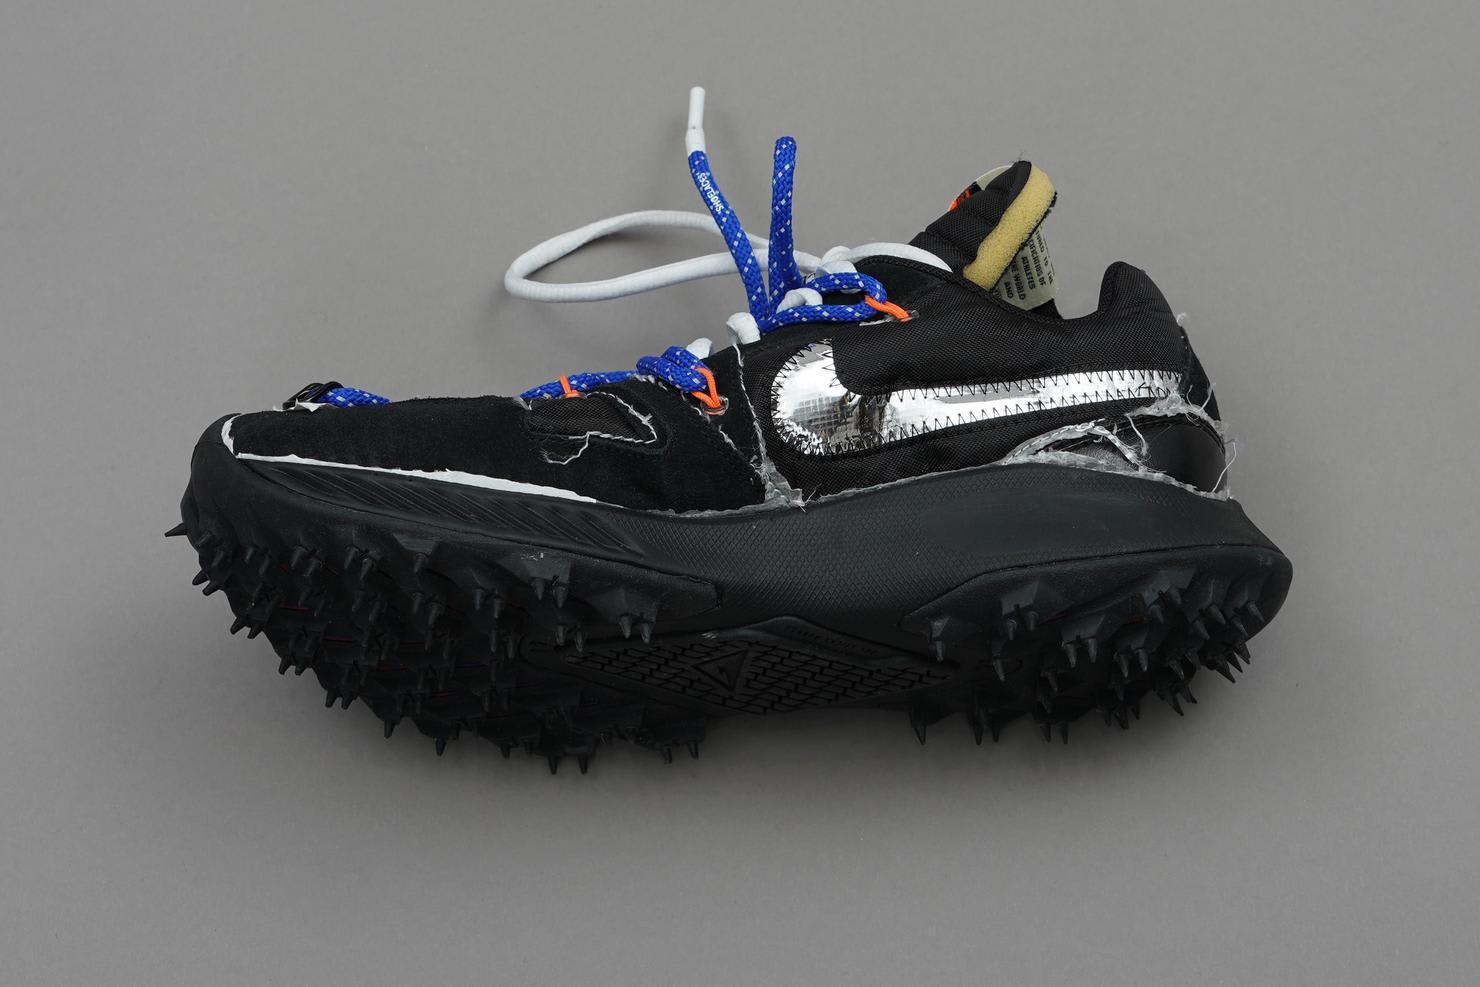 Off-White x Nike Zoom Terra Kiger Prototype 2